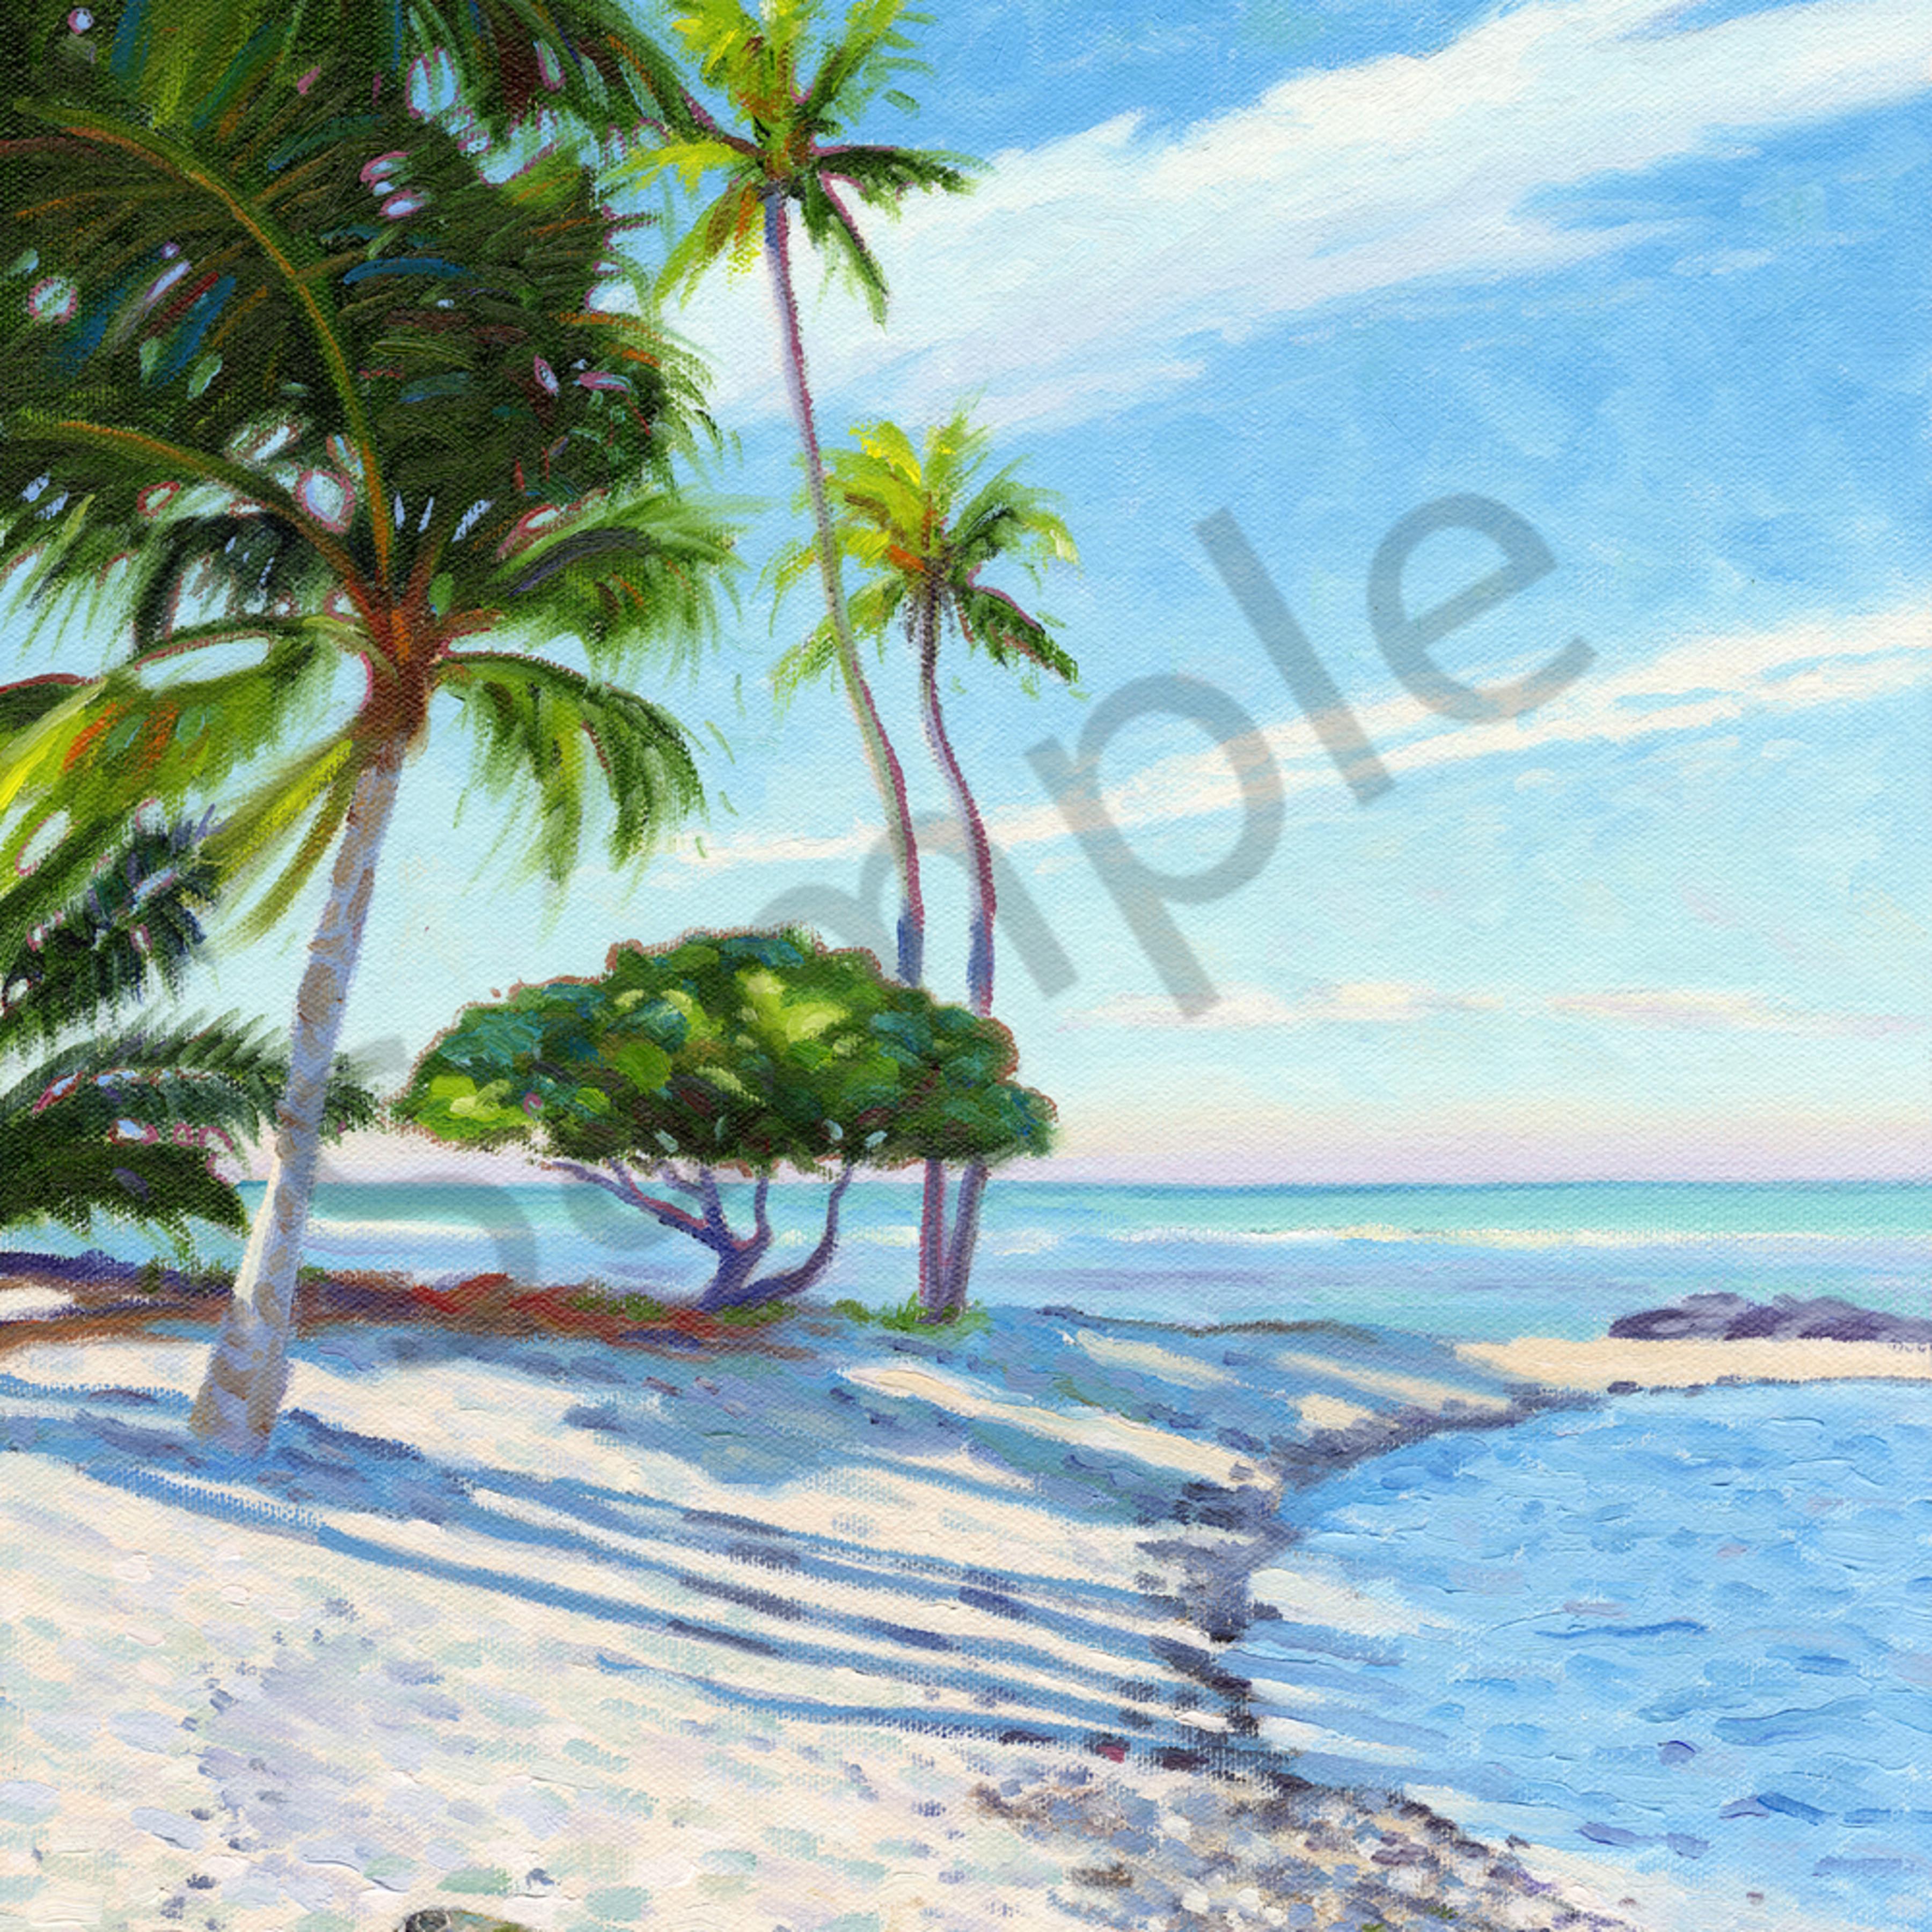 Kohala coast wtcdky